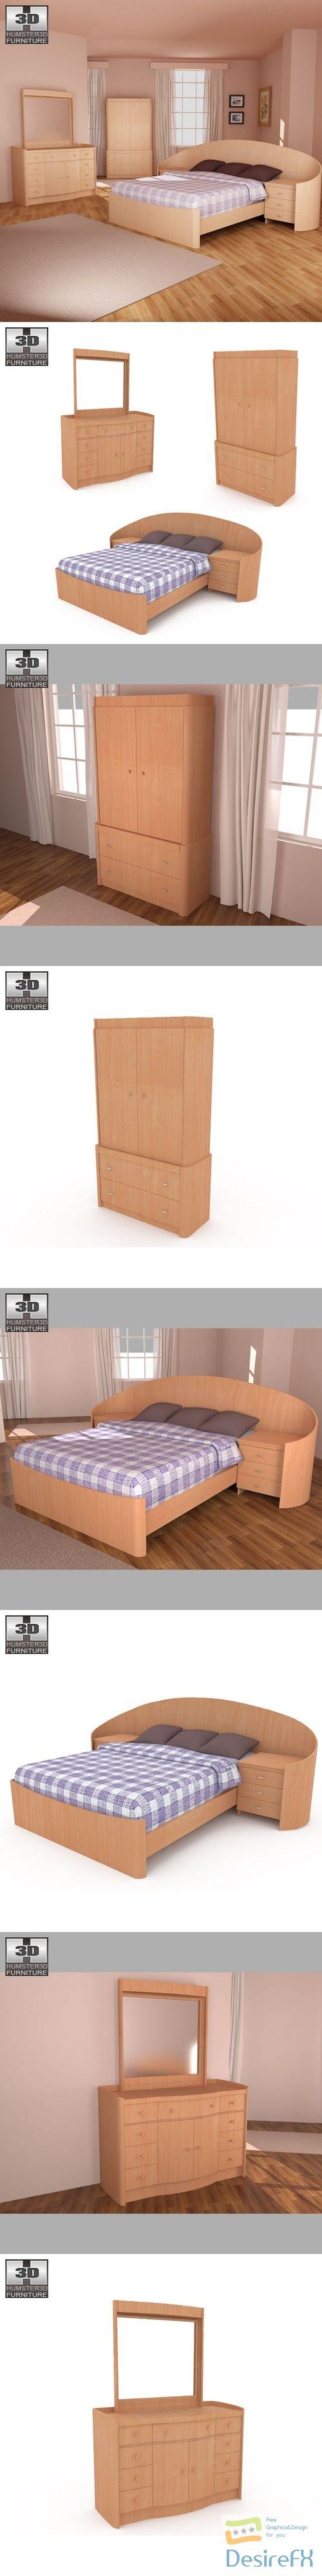 Bedroom Furniture 16 Set 3D Model